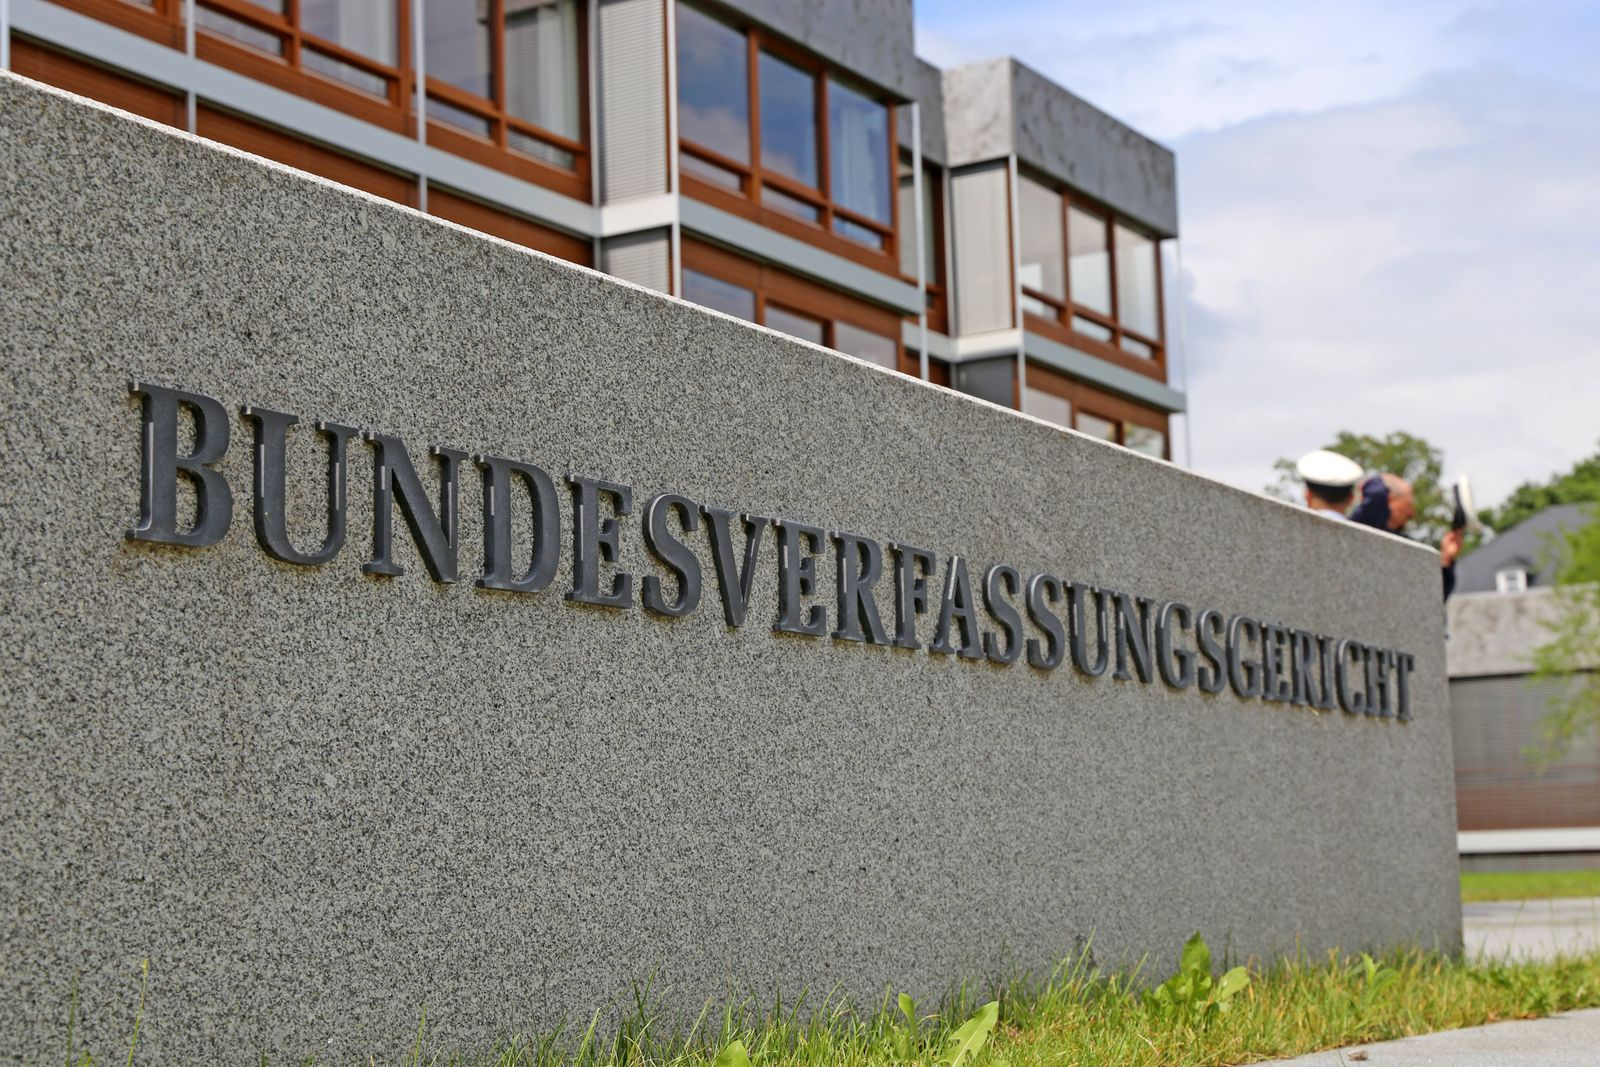 Nahaufnahme vom bekannten Steinblock vor dem Bundesverfassungsgericht in Karlsruhe *** Close-up of the well-known stone